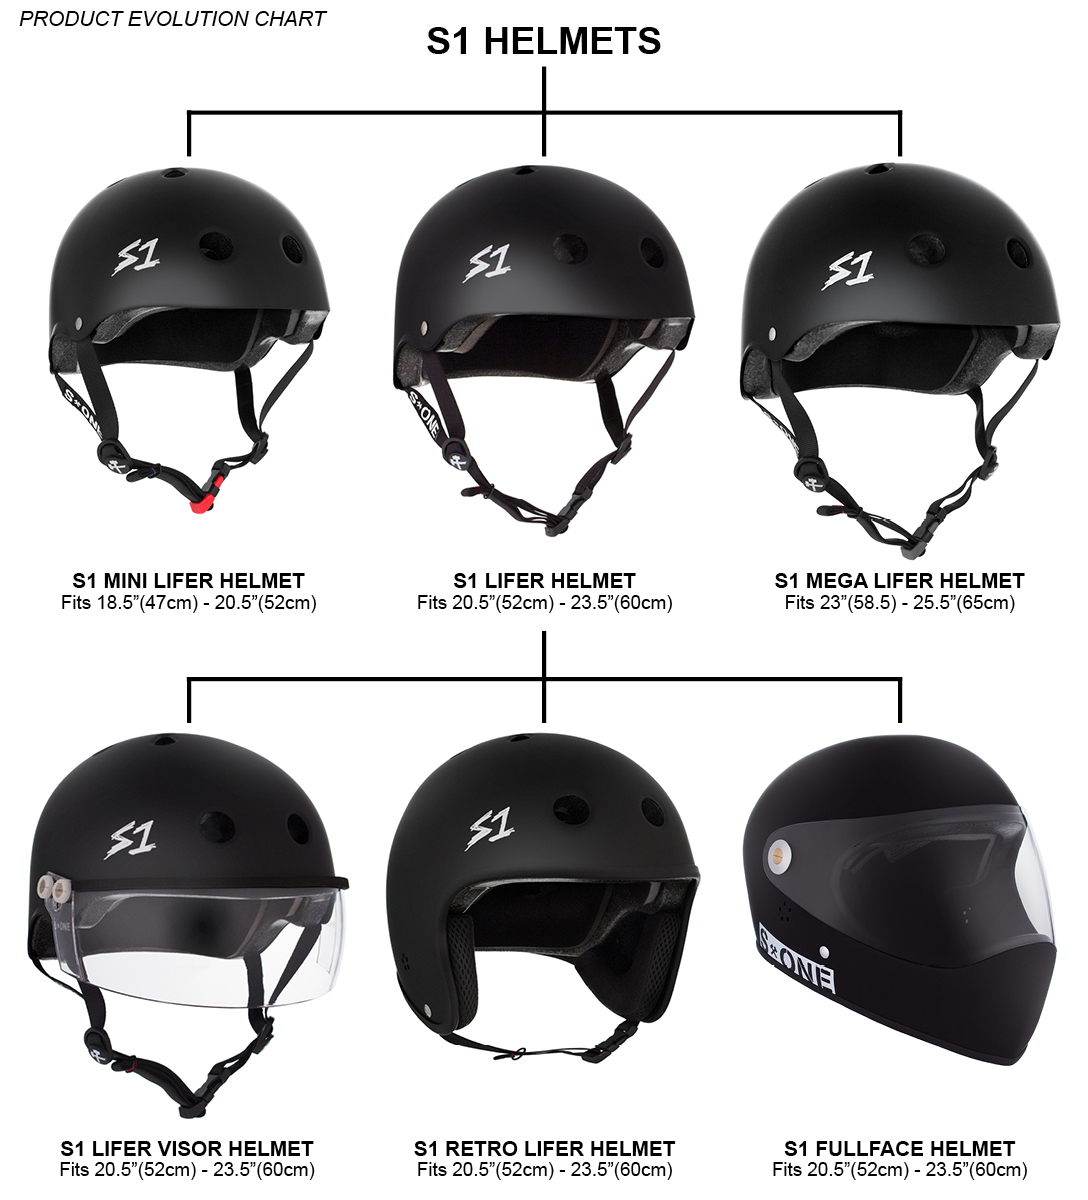 2019-s1-helmet-family-tree3.jpg